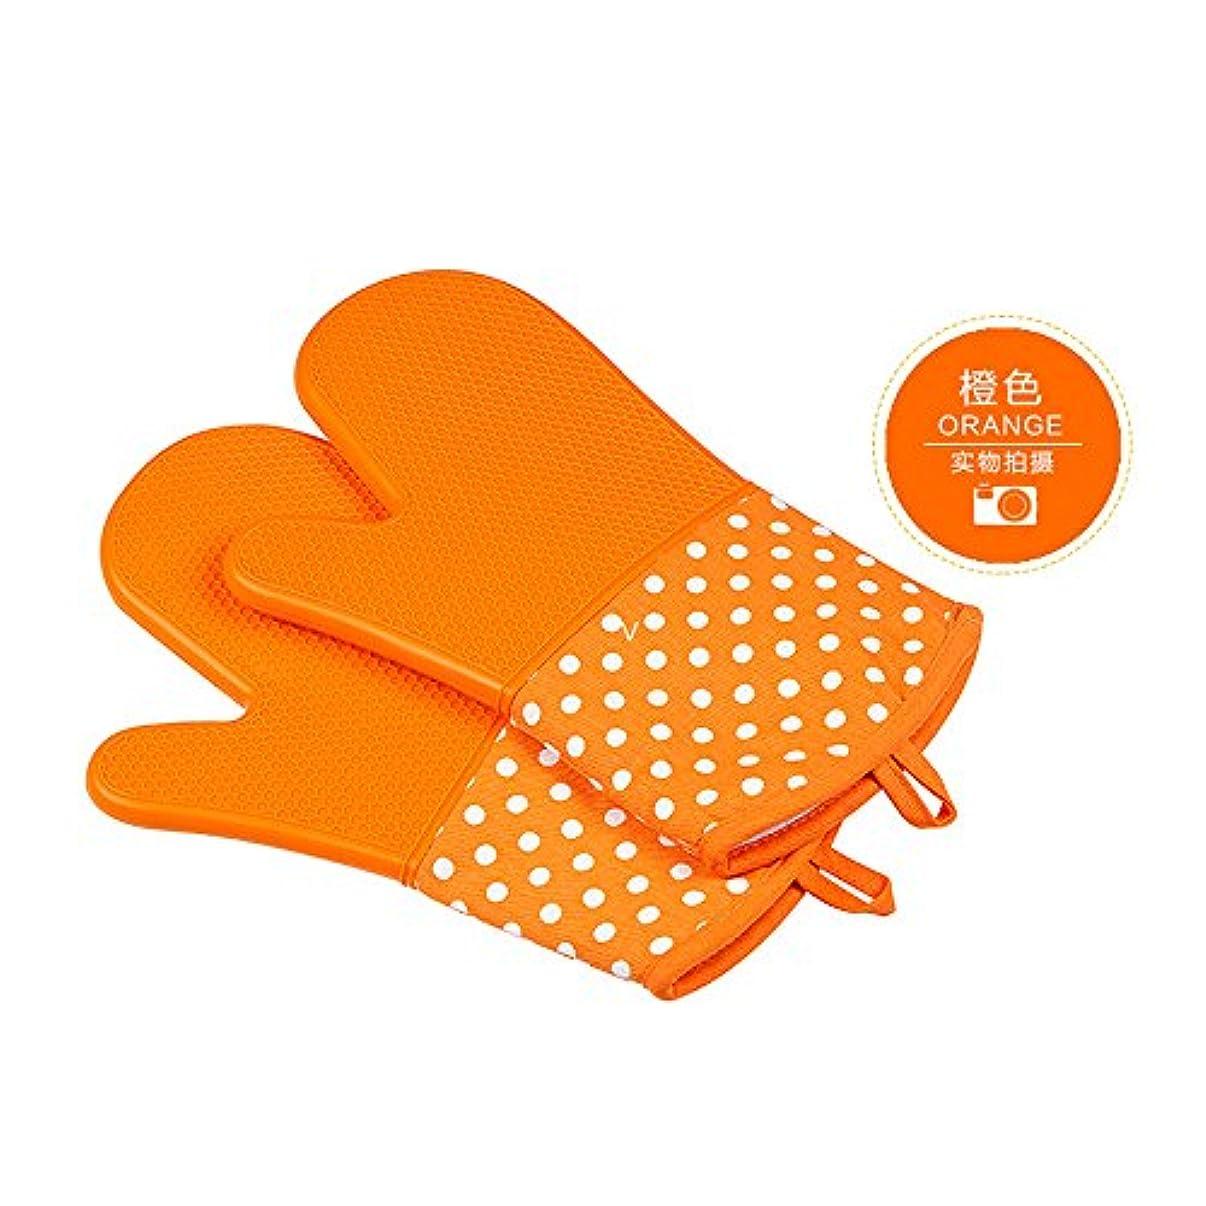 召喚する罰する仮定するJOOP【2個セット】【シリコンベーキング手袋】【バーベキュー手袋】【キッチン電子レンジの手袋】【オーブン断熱手袋】【300の加熱温度極値】【7色】 (グリーン)